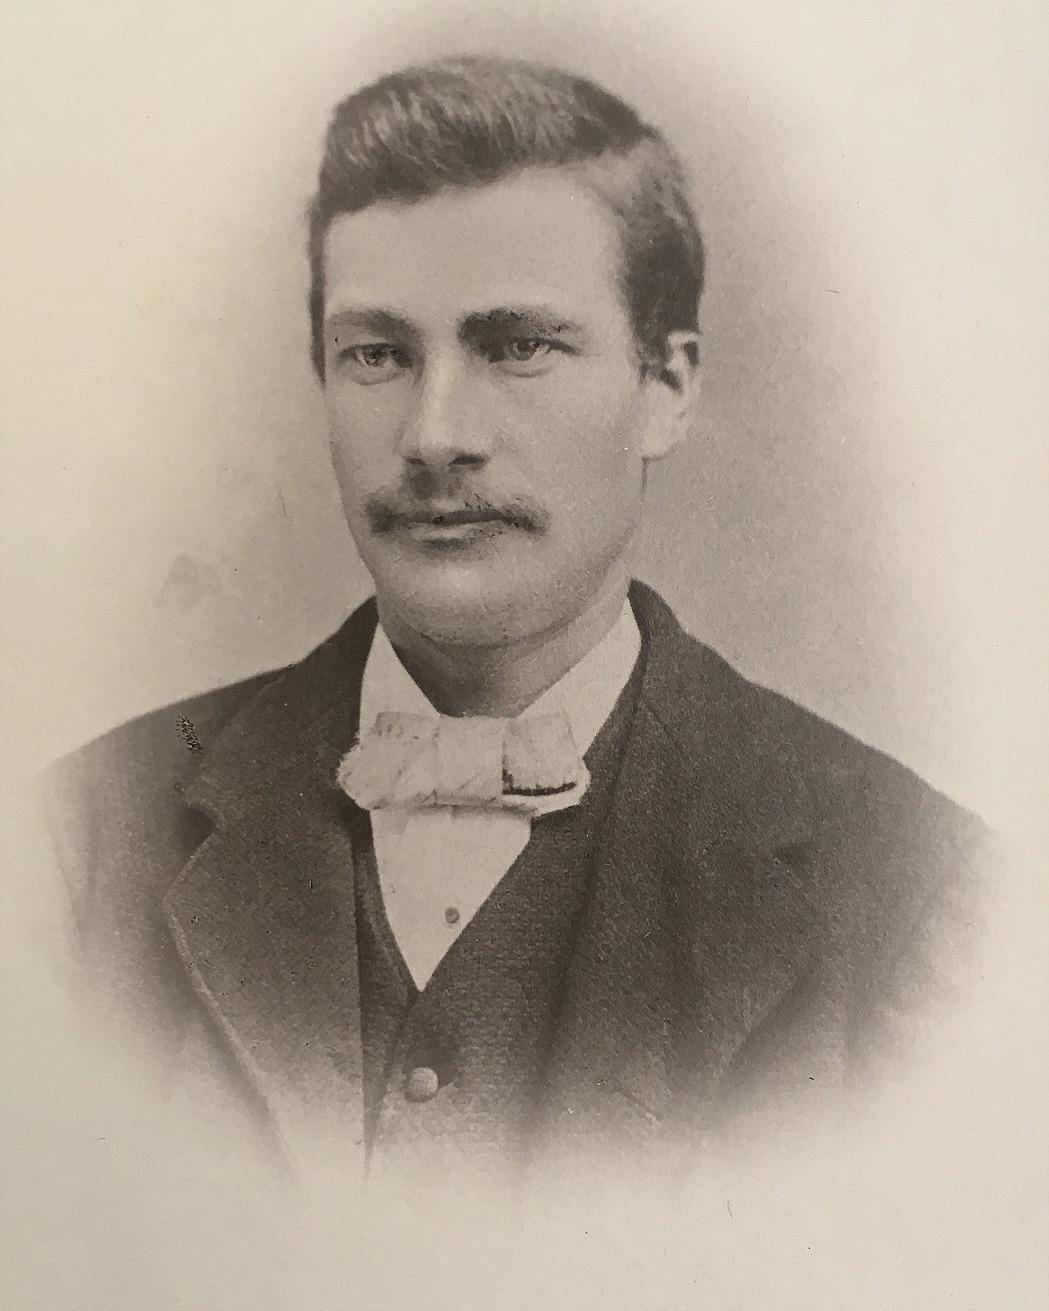 Ulfves Johan Viktor 1854-1889. Fotot från SLS:s arkiv i Vasa.